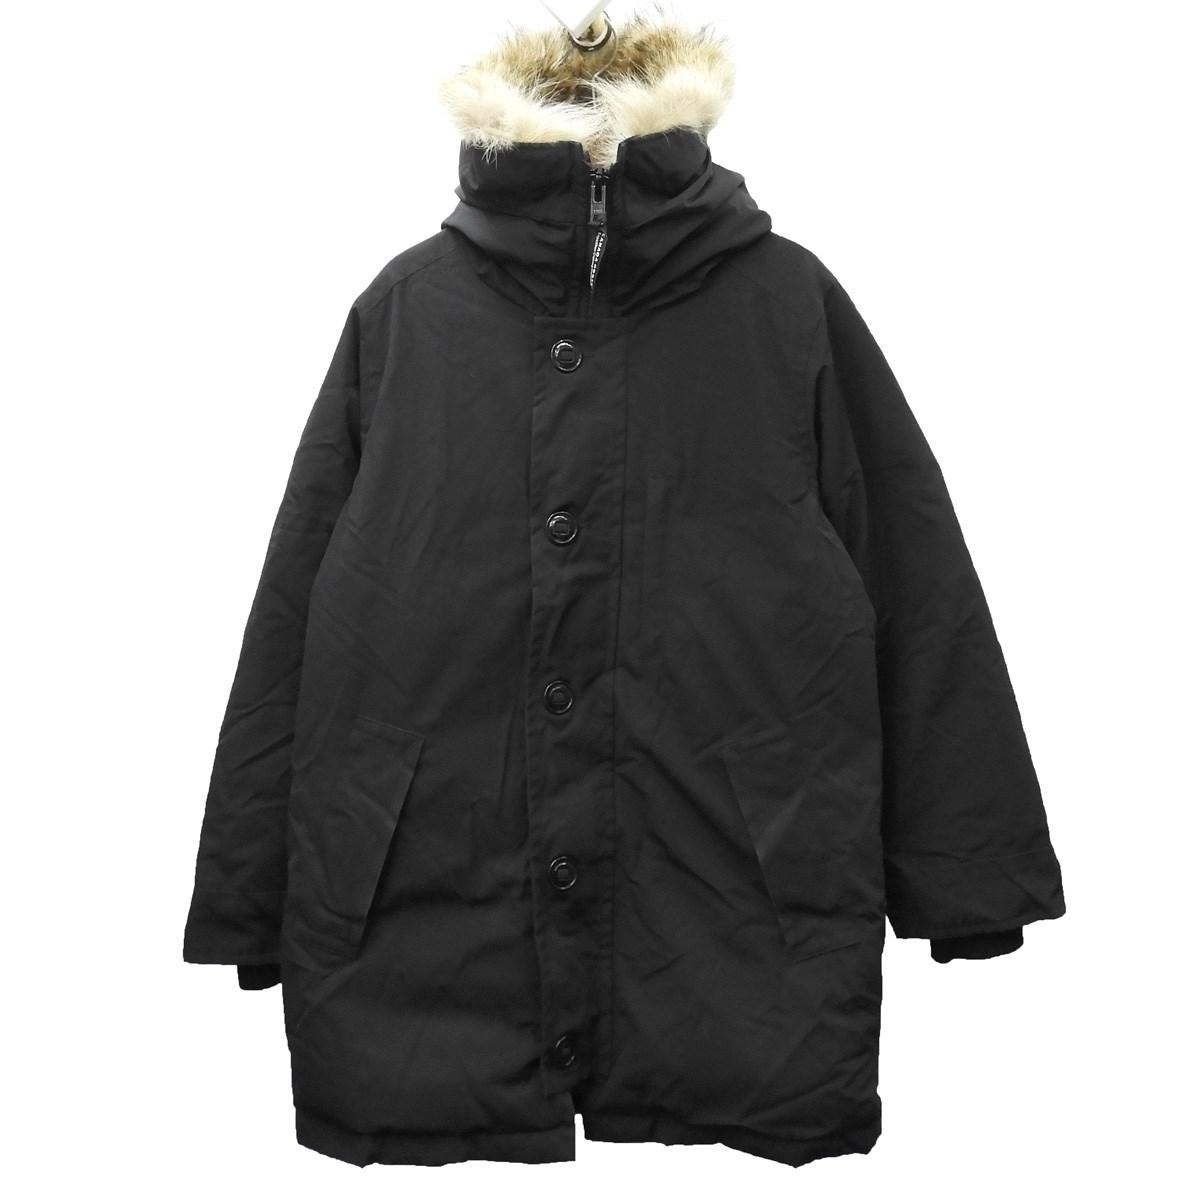 【中古】CANADA GOOSE 「Vancouver Jacket」 ダウンジャケット ブラック サイズ:S/P 【120120】(カナダグース)